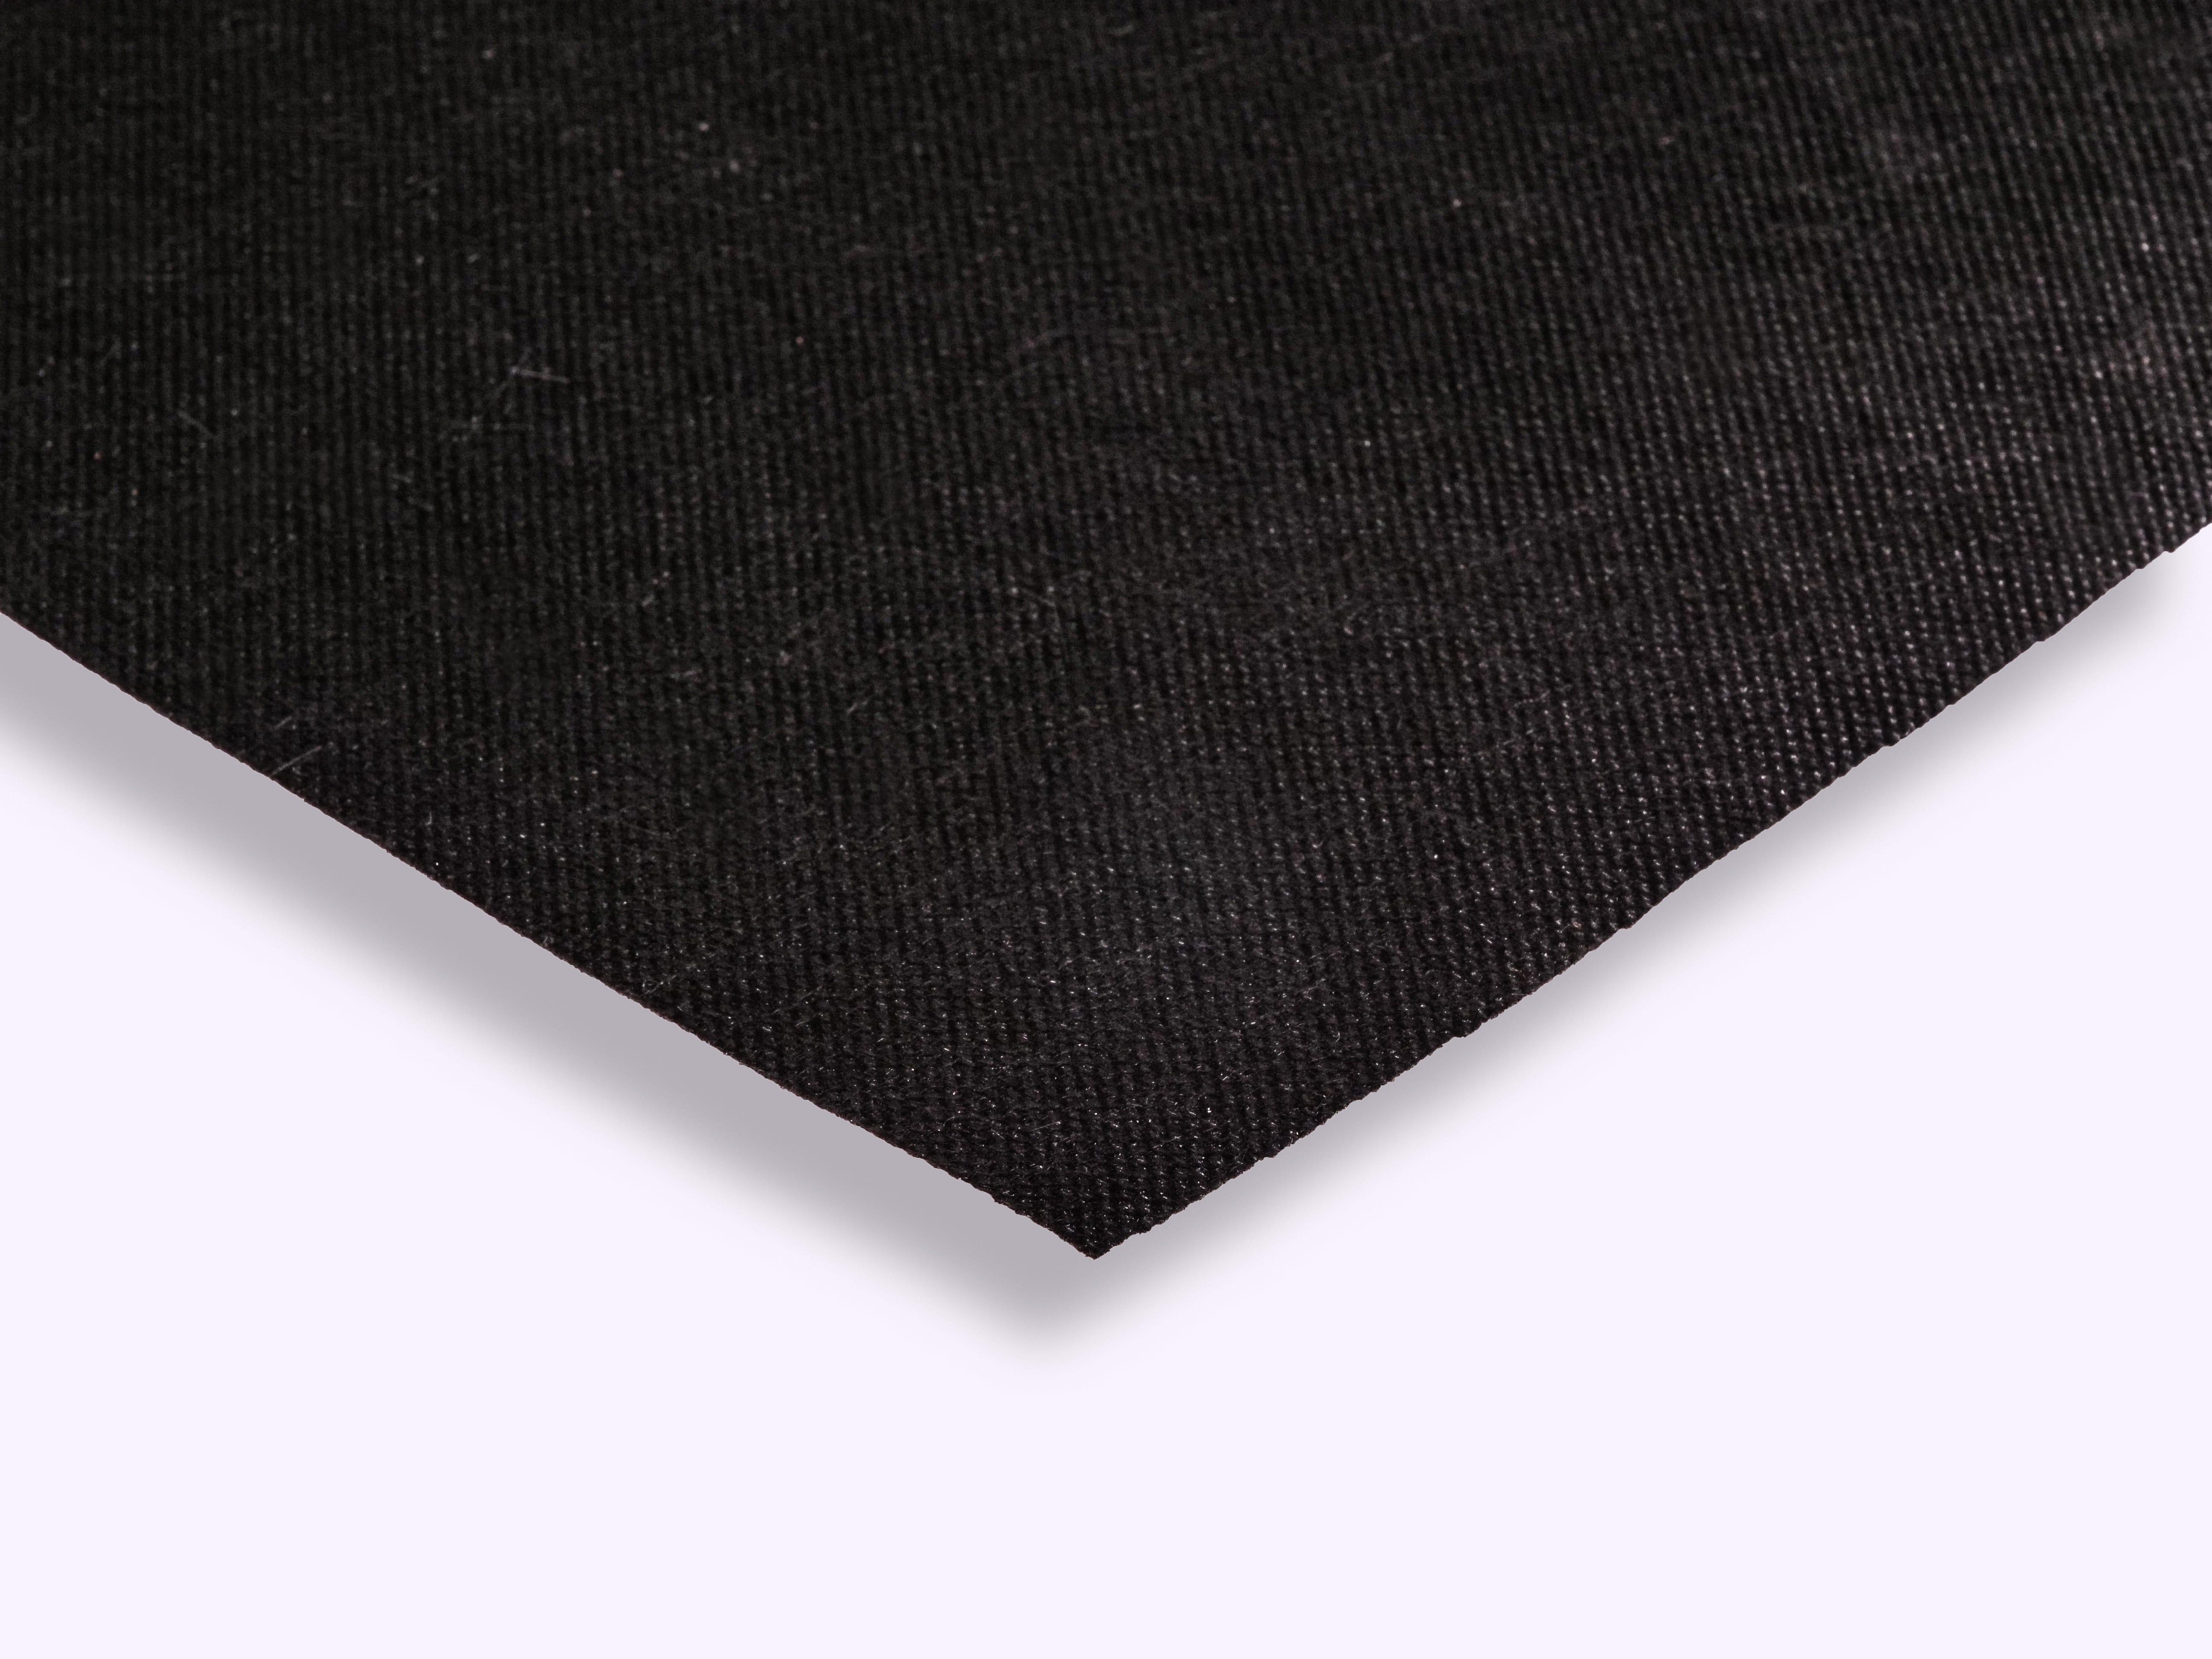 Non-woven-Spunbound-Polypropylene-Cloth